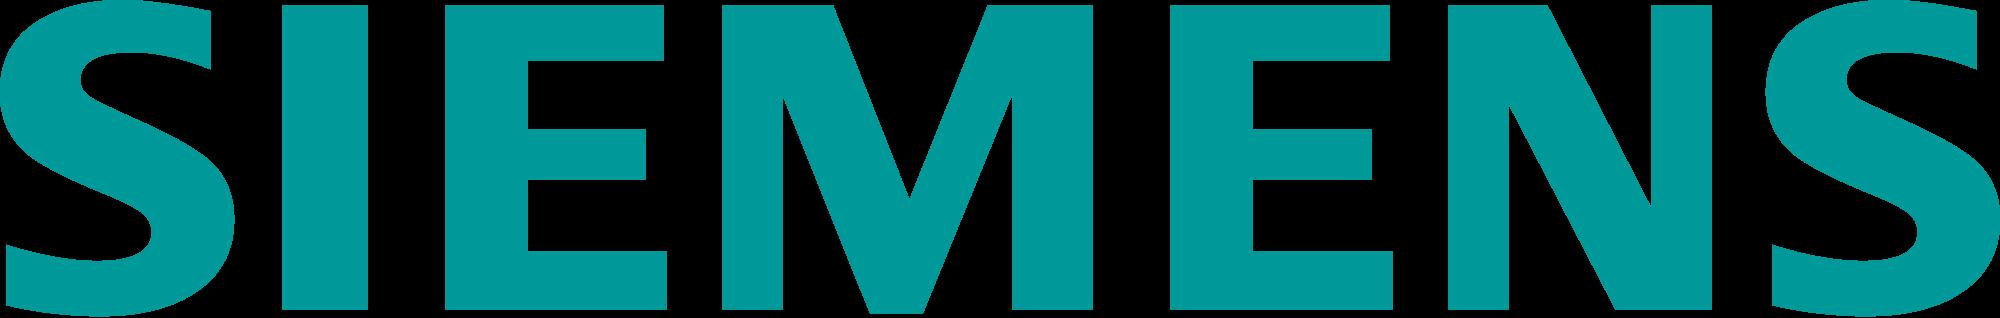 Siemens-AB.png